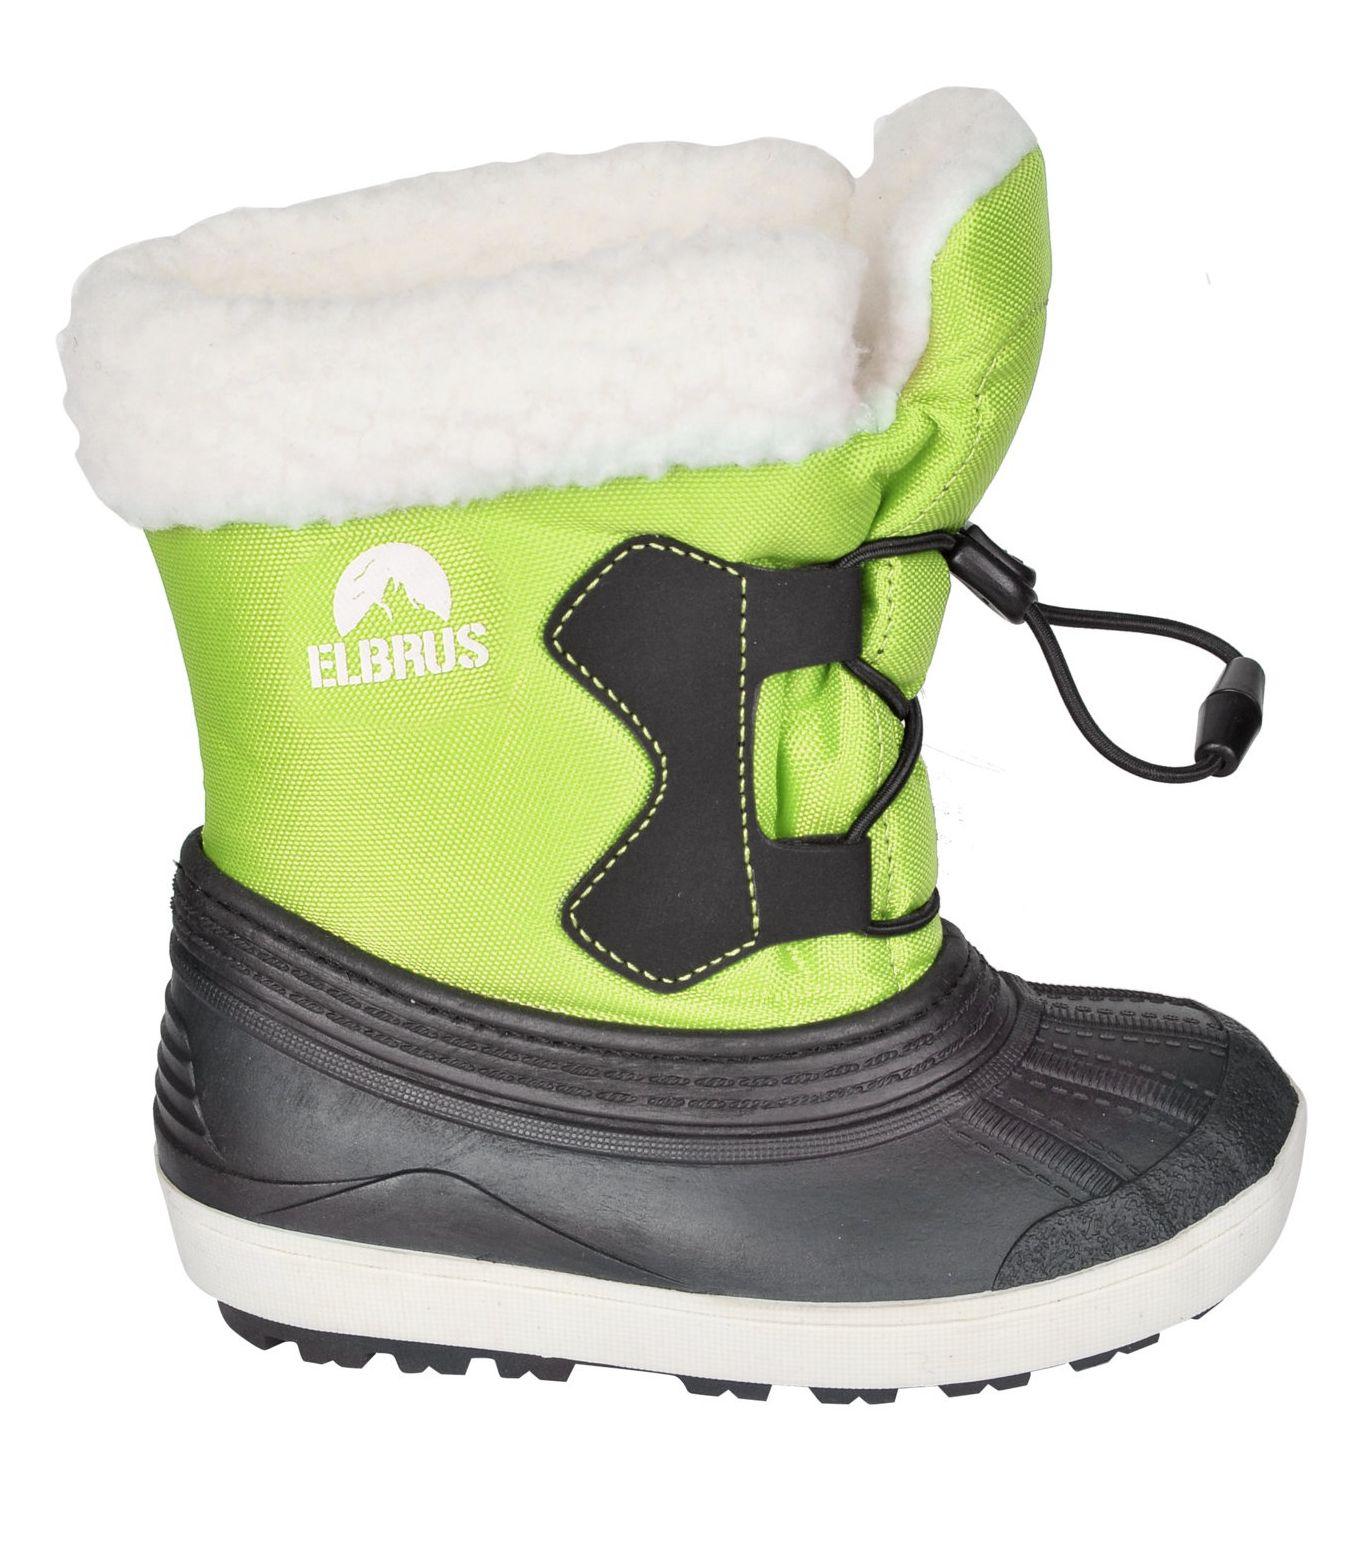 Sniegowce To Idealne Buty Dla Dzieci Na Zimowe Dni Sprawdza Sie I Na Sniegu I Podczas Deszczu Elbrus Boots Winter Boot Shoes